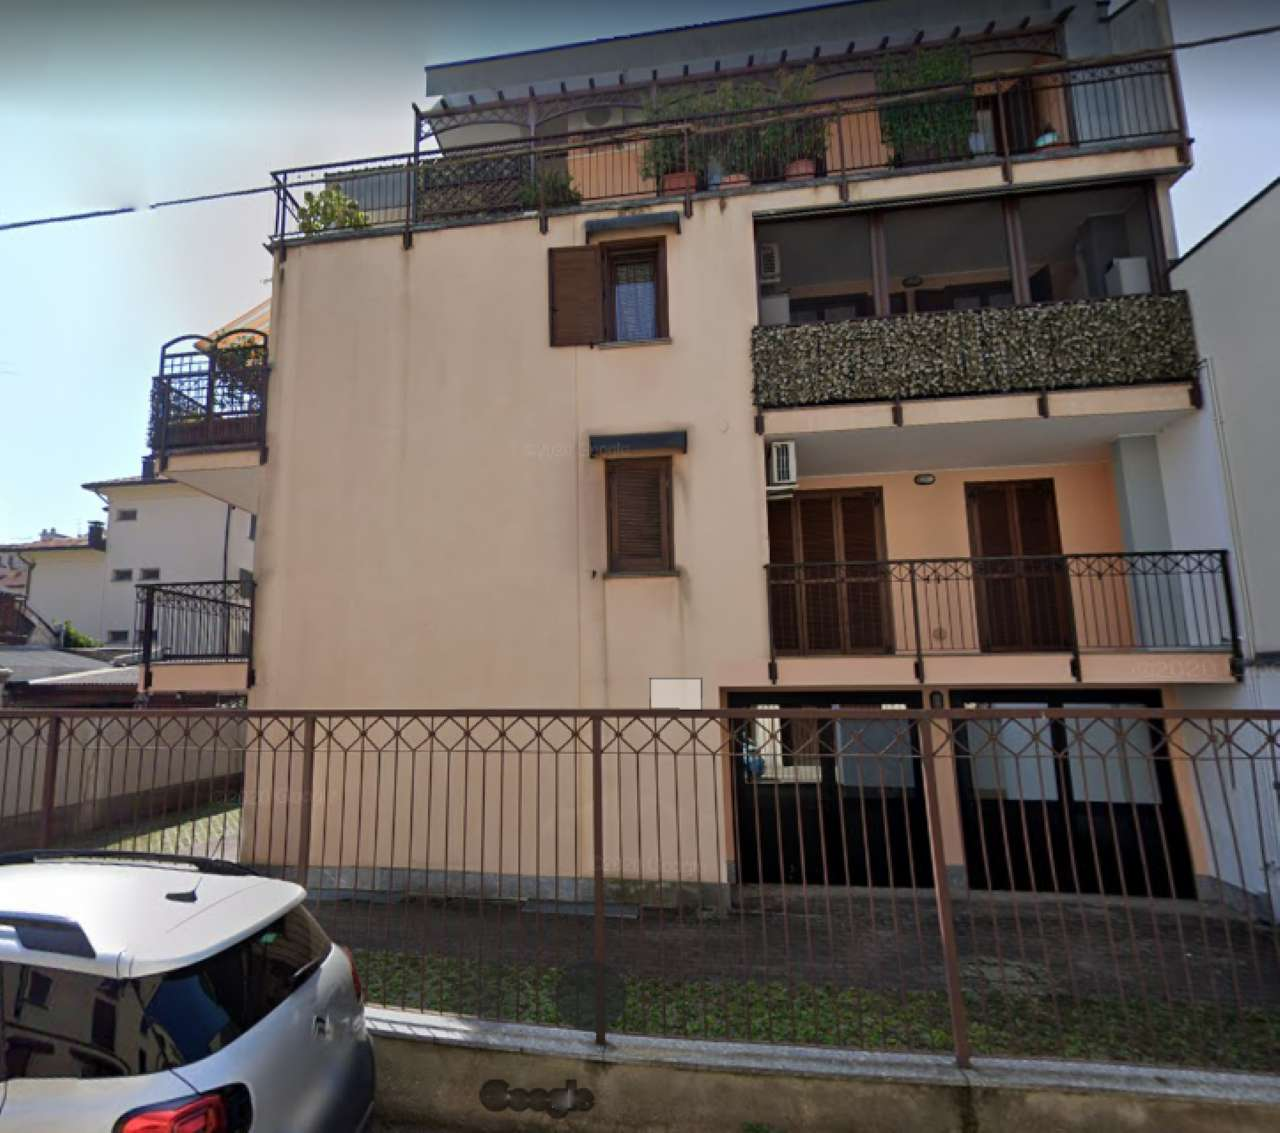 Ufficio / Studio in vendita a Abbiategrasso, 6 locali, prezzo € 335.000 | PortaleAgenzieImmobiliari.it